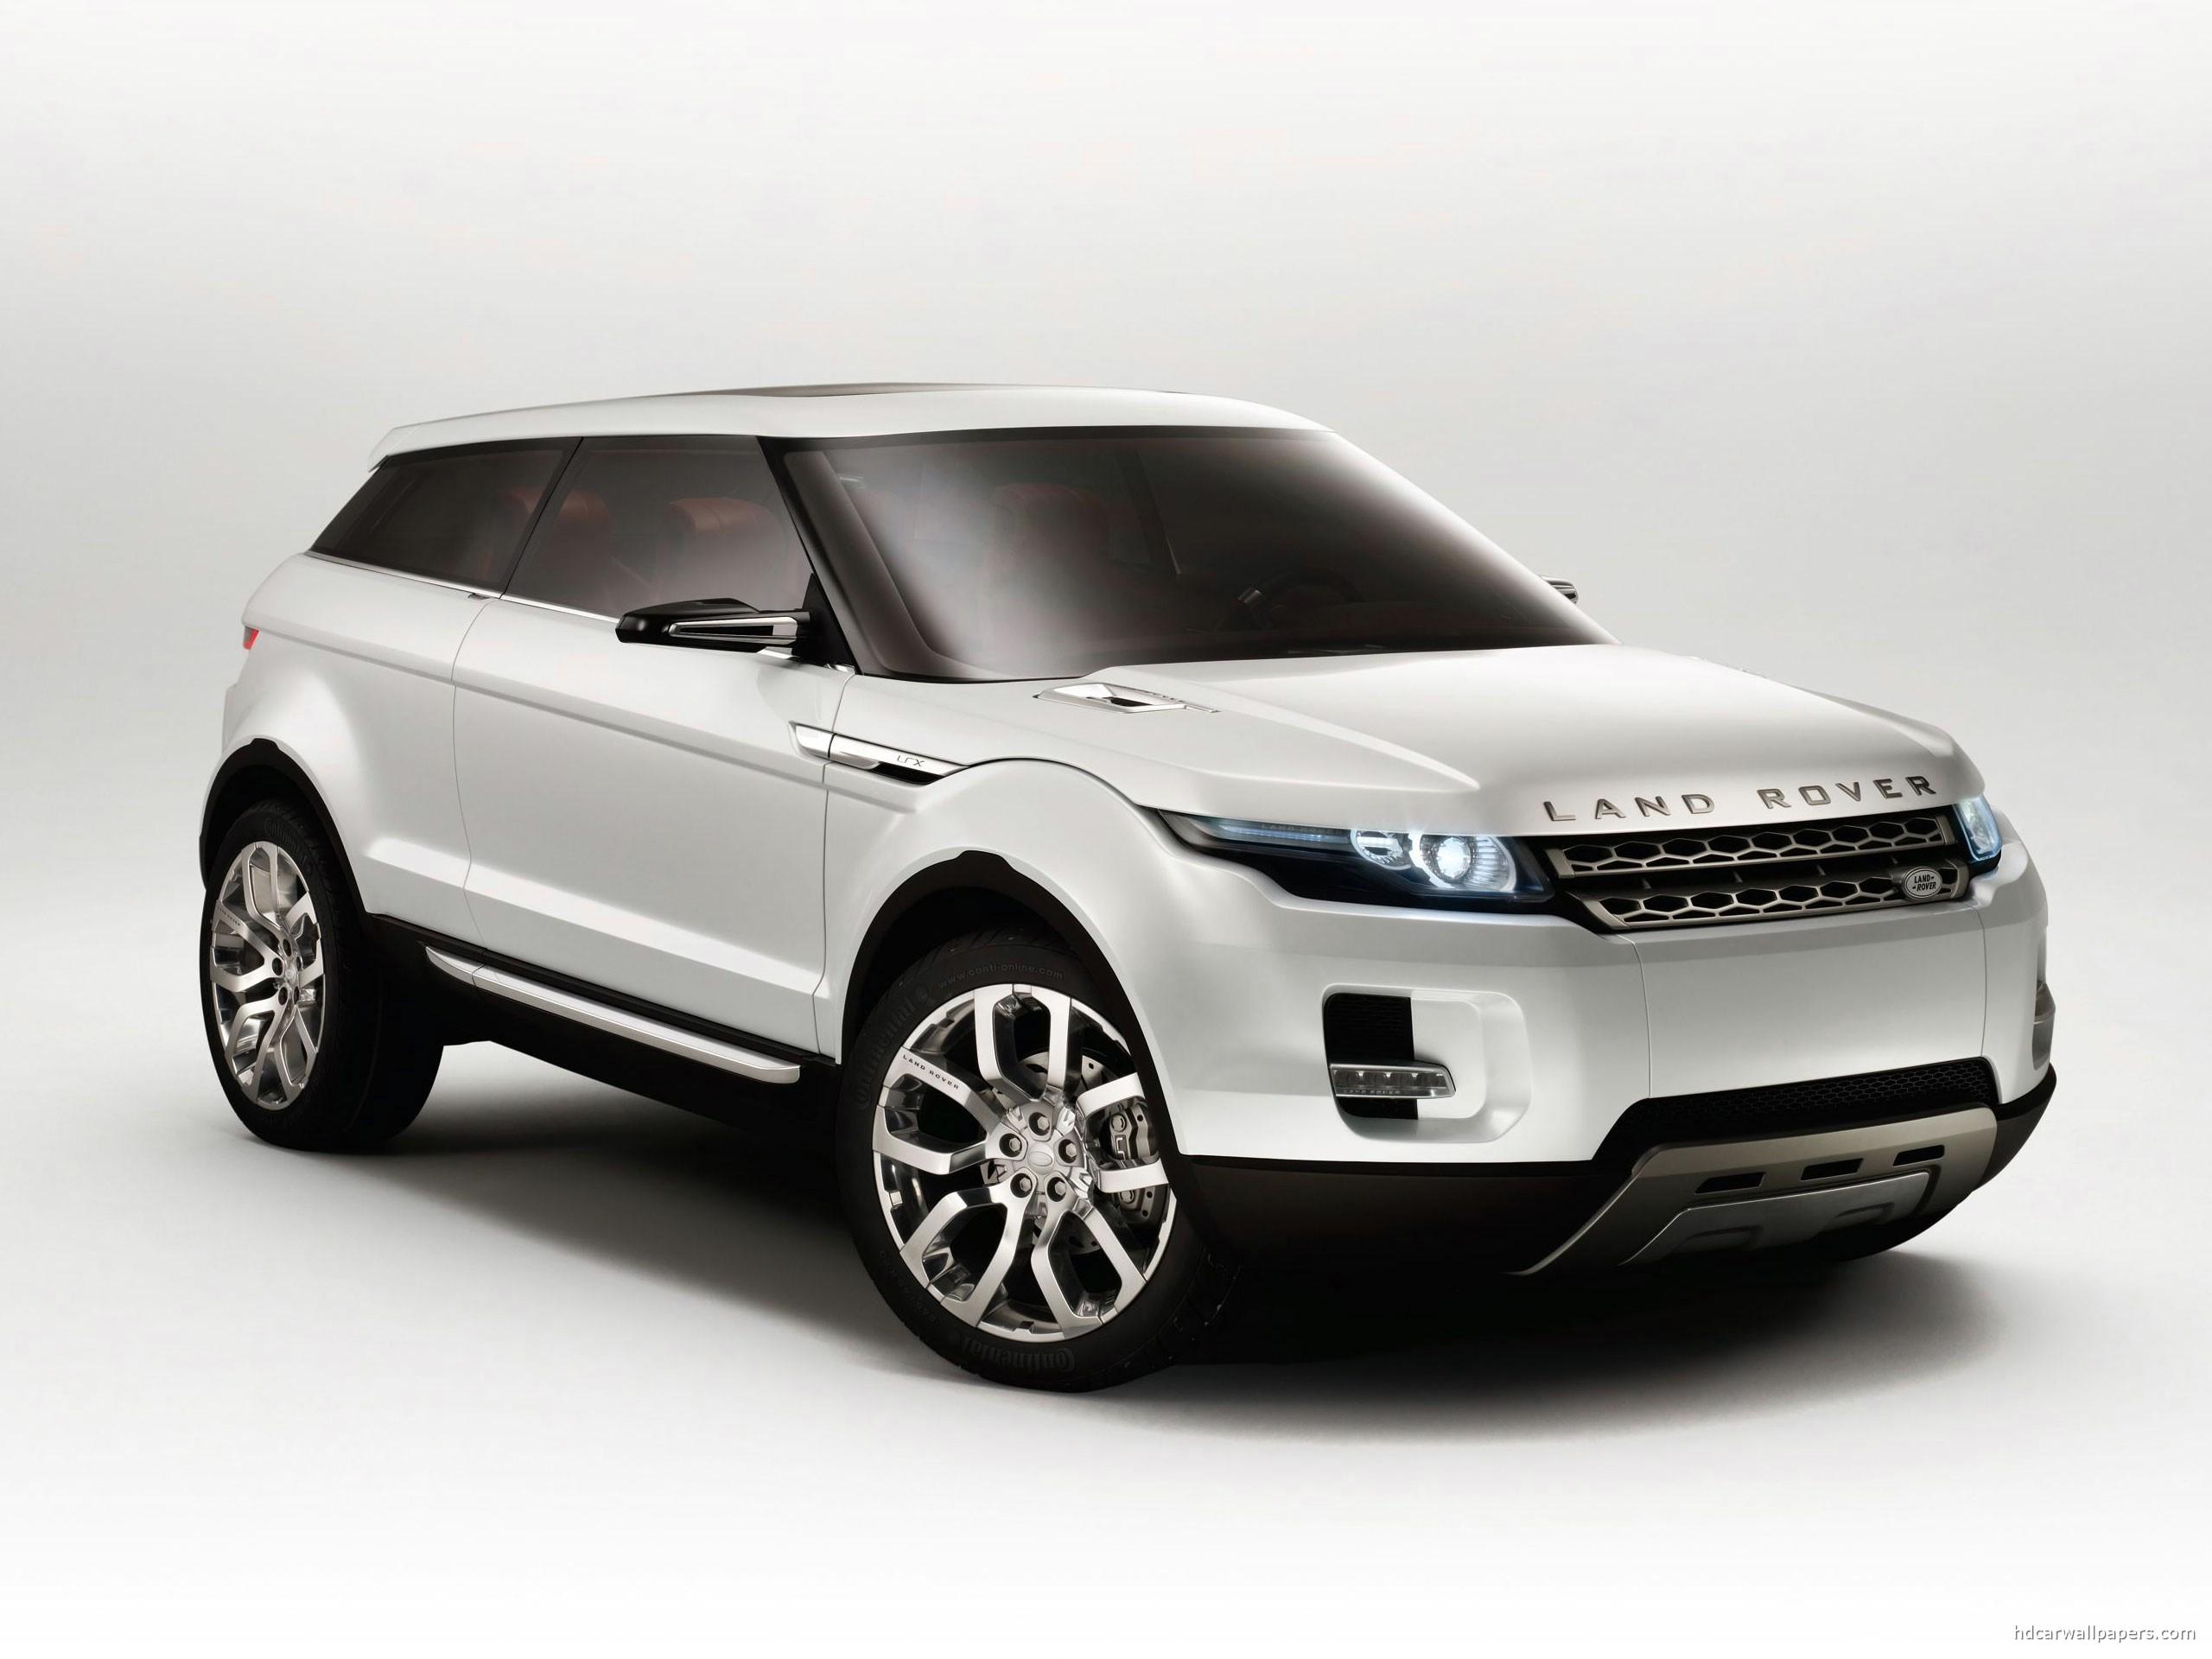 HD Wallpapers L Rover LRX Concept 4